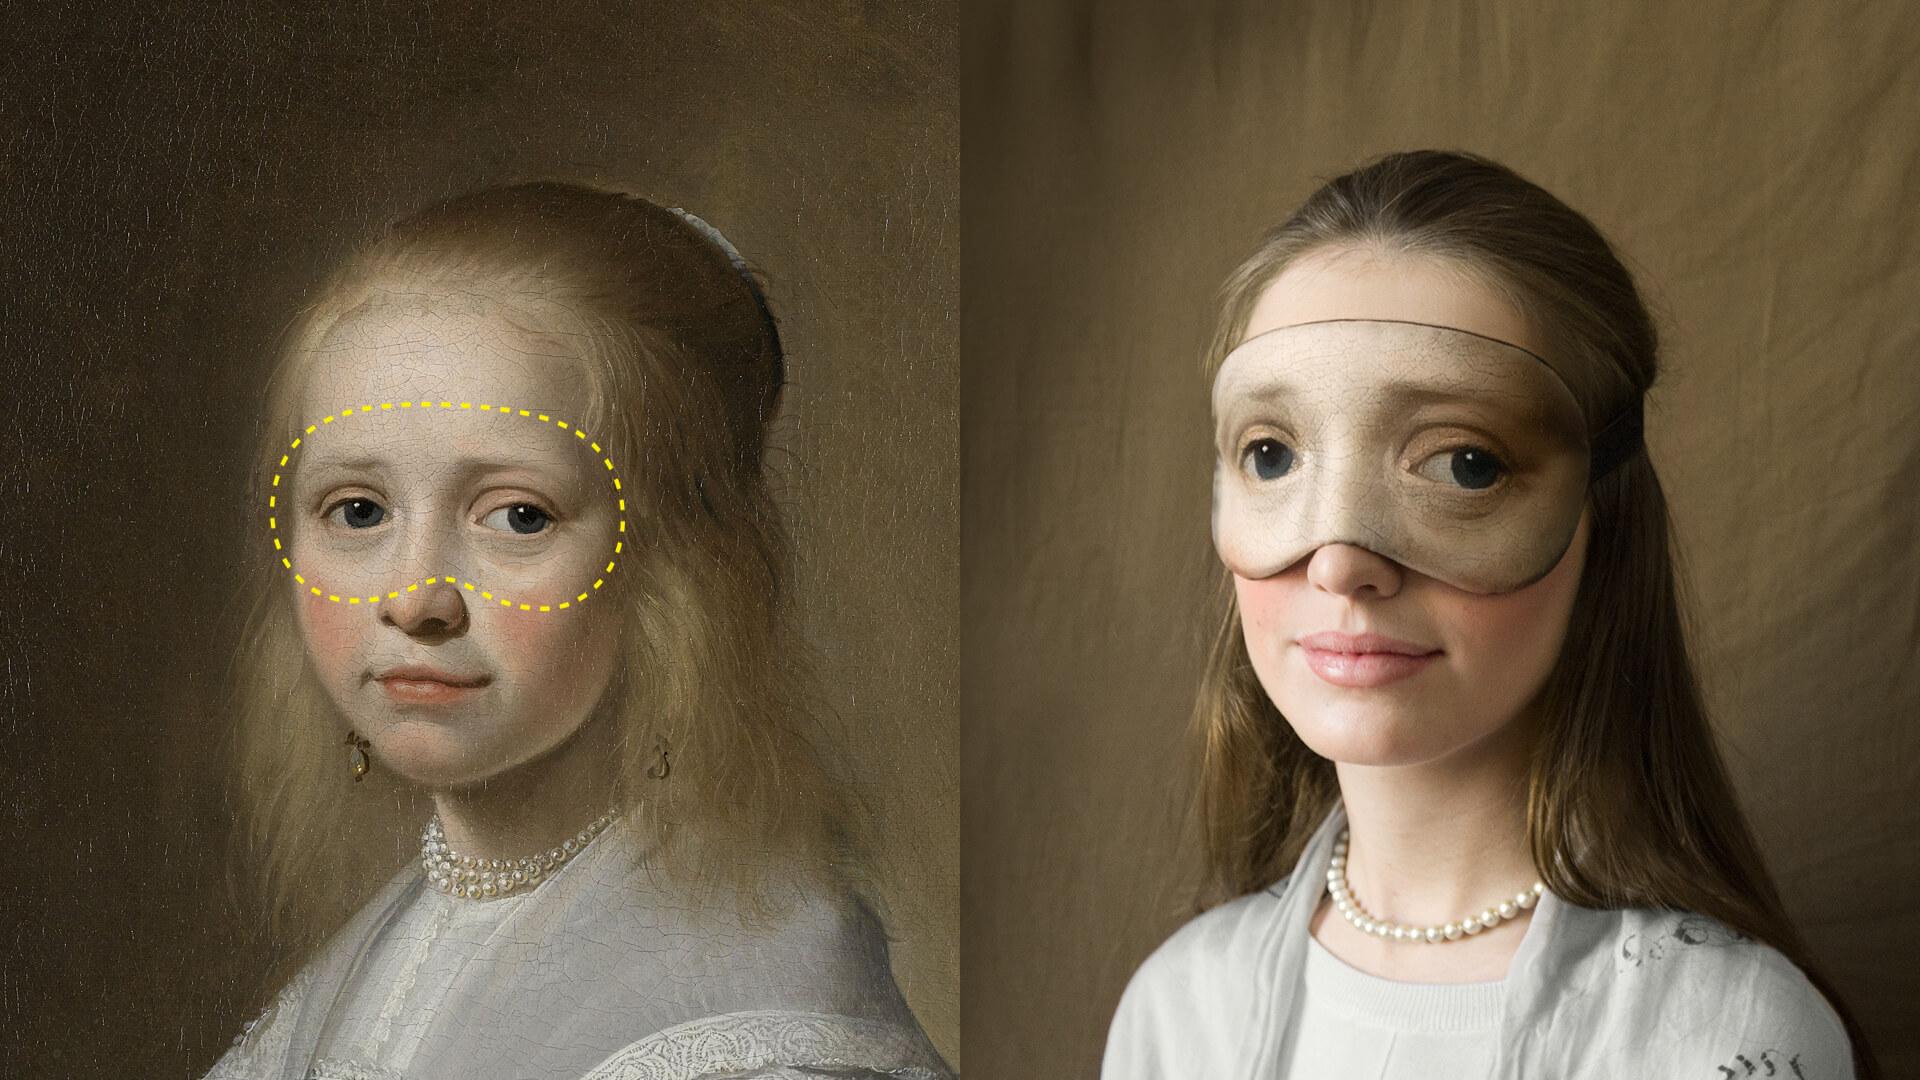 Маска для сна от Ван Гога и Рембрандта